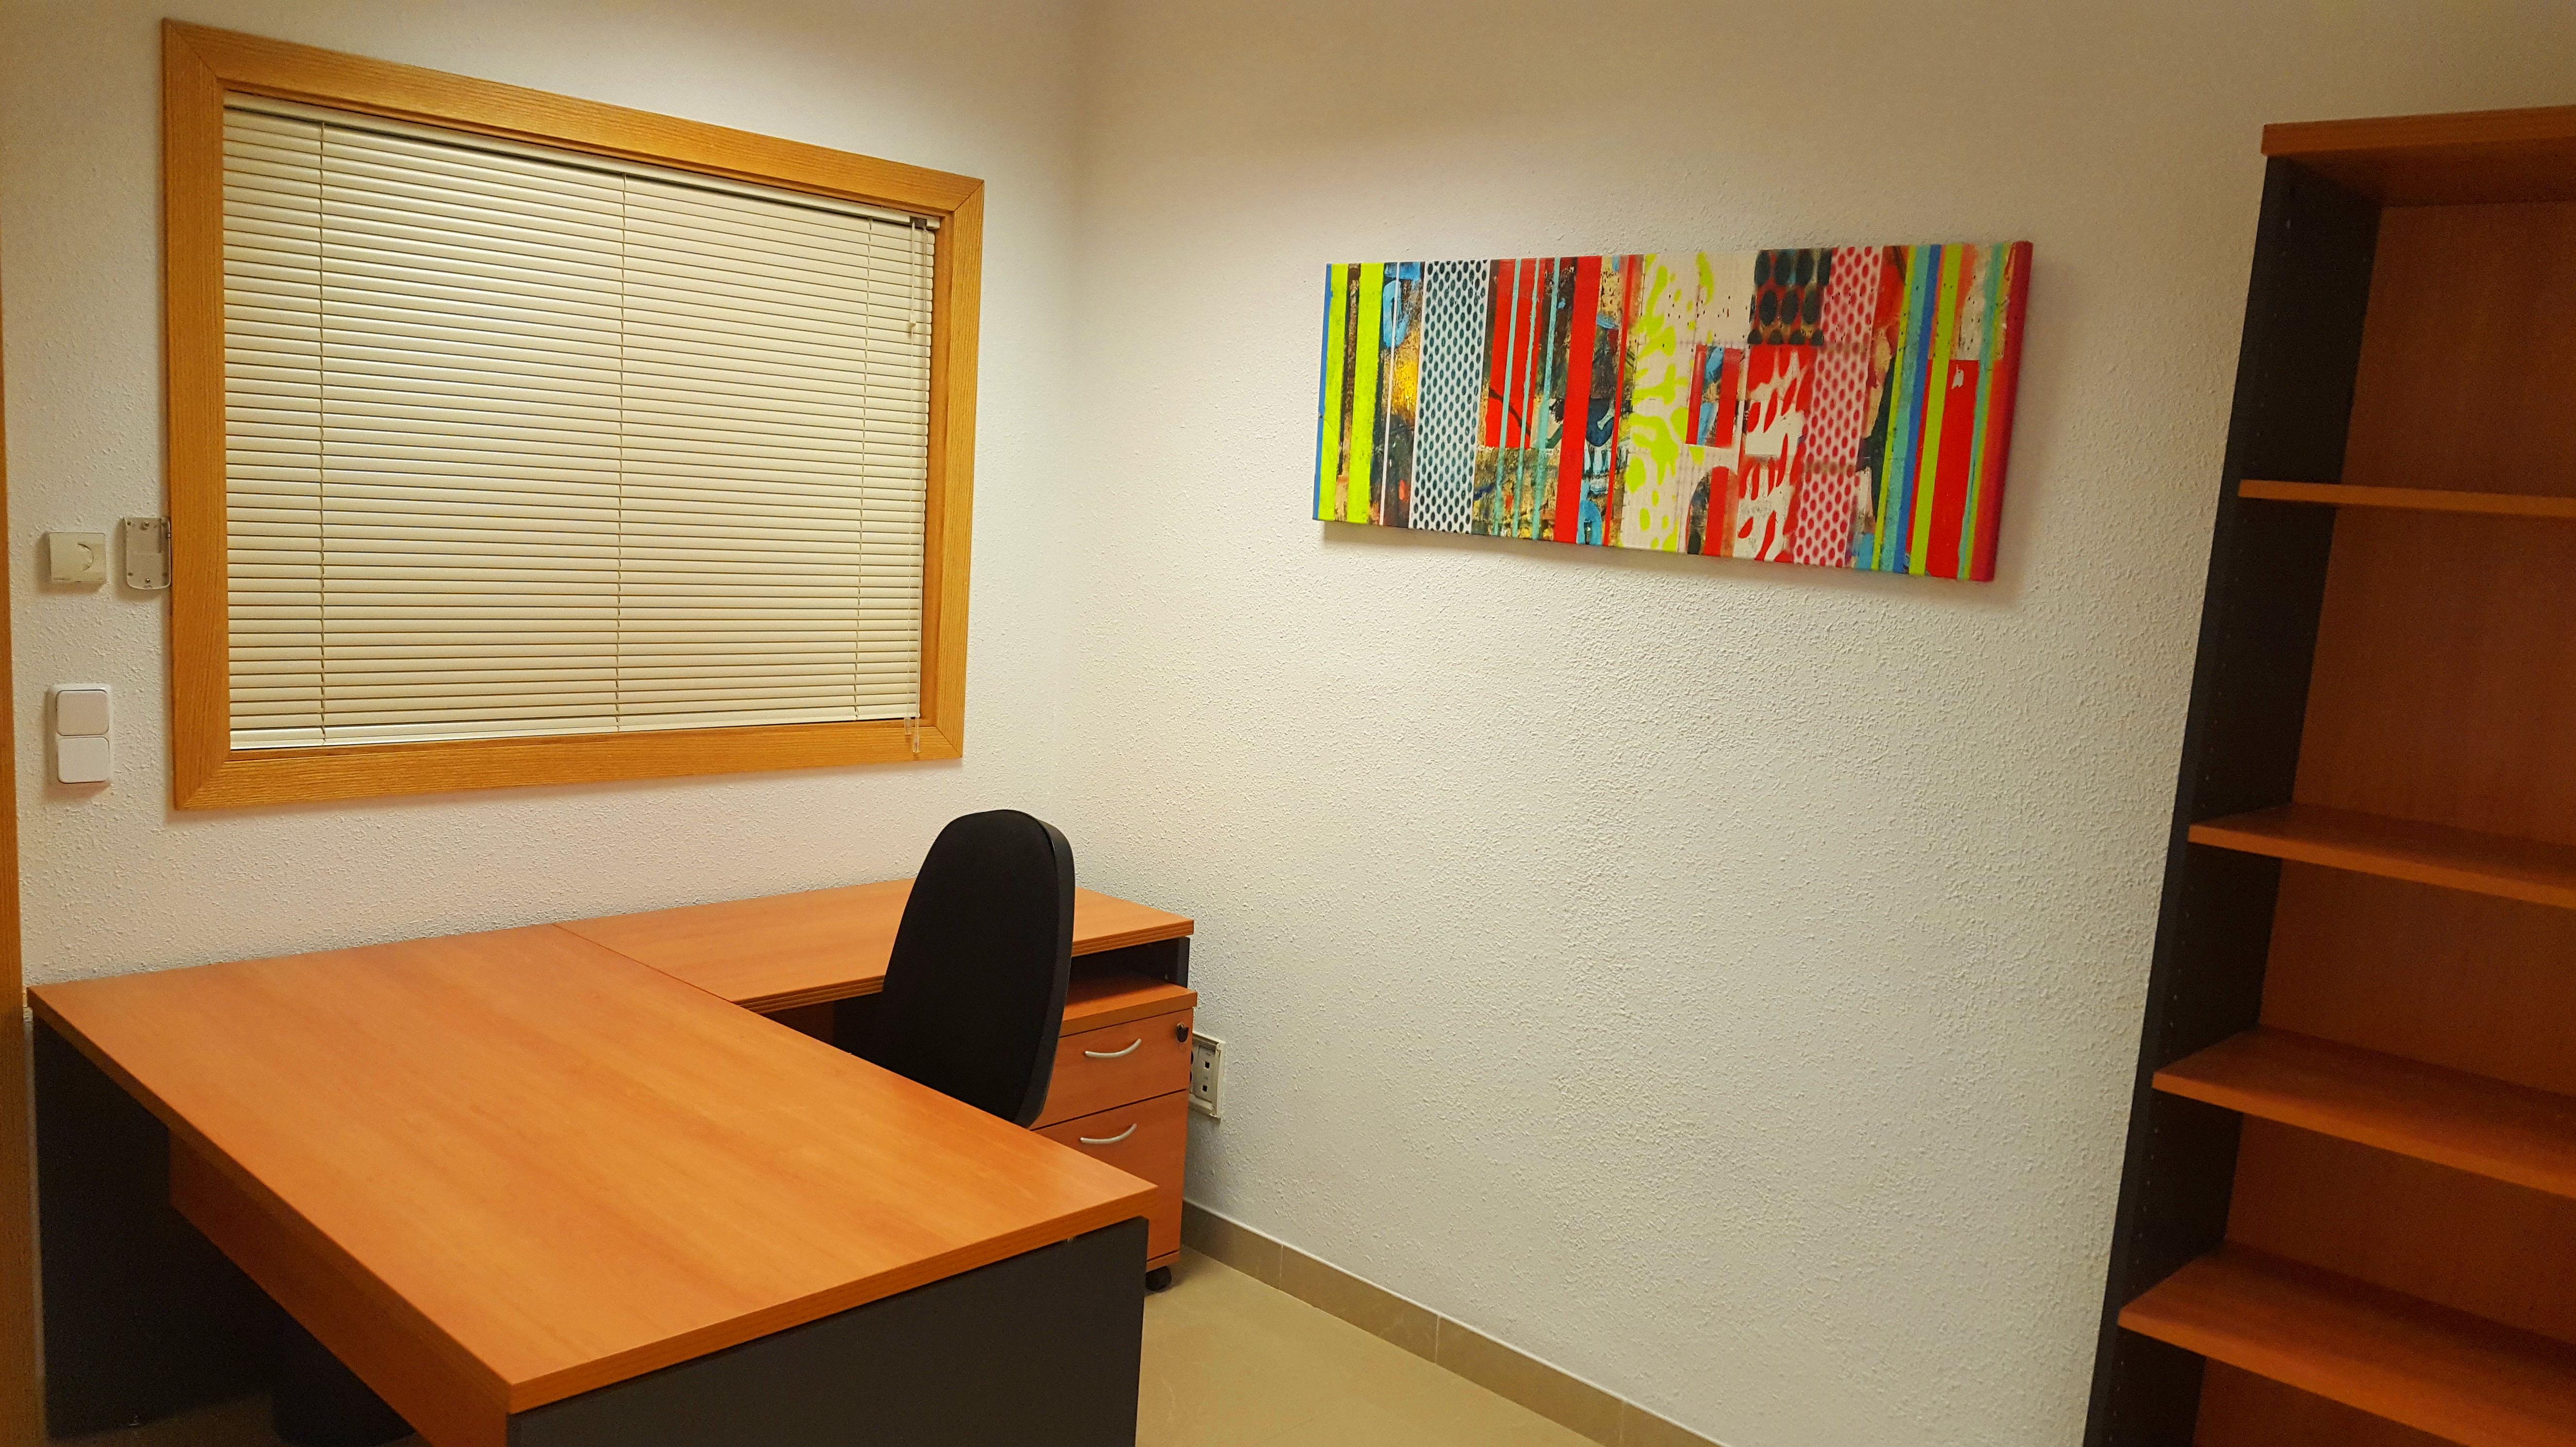 Foto 6 de Alquiler salas totalmente equipadas en Palma de Mallorca | Centro de negocios Son Castelló